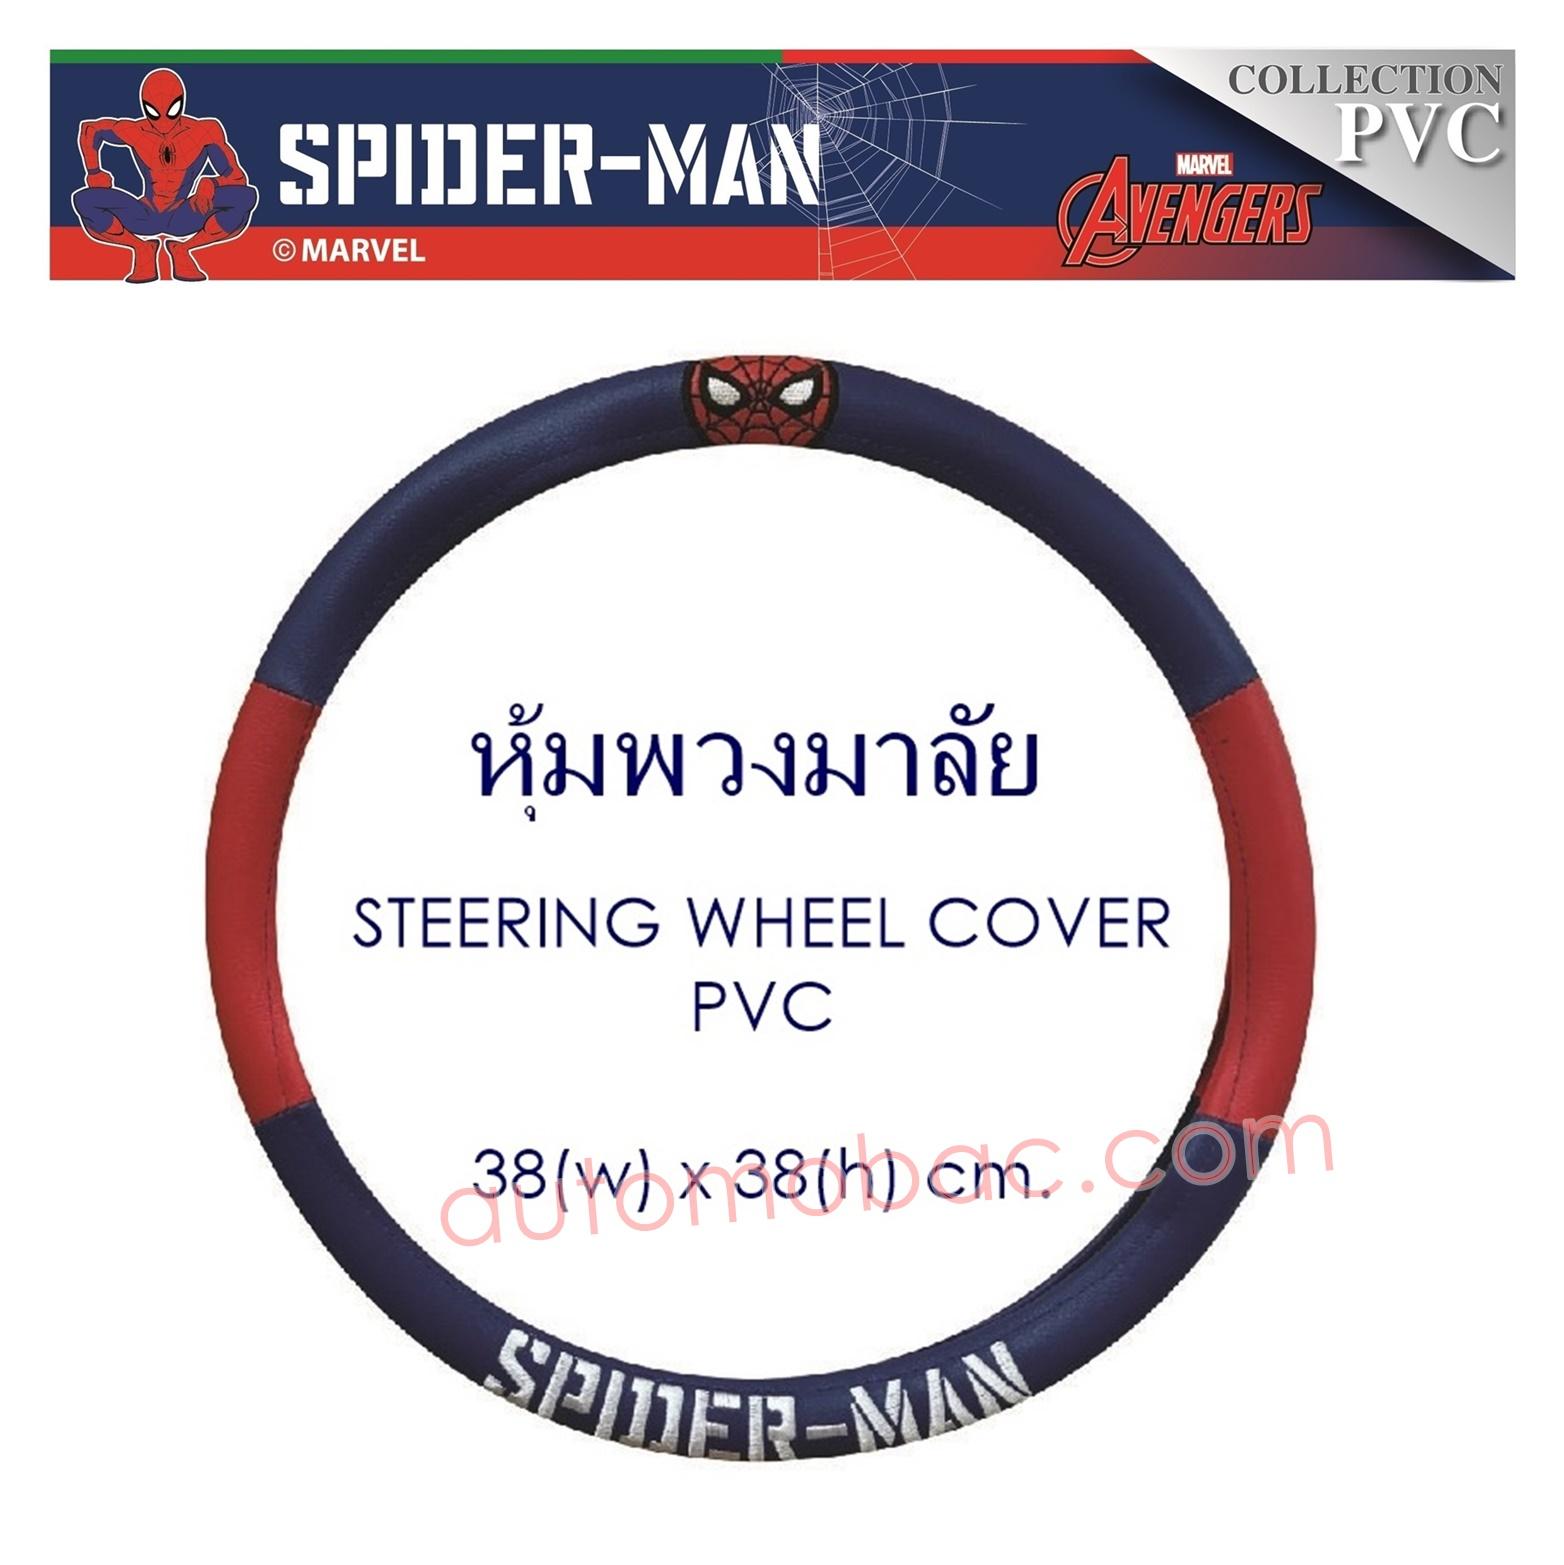 Spider-man ที่หุ้มพวงมาลัย หนัง PVC ปกป้องพวงมาลัยเดิม ให้มีสภาพใหม่ สวยงาม งานลิขสิทธิ์แท้